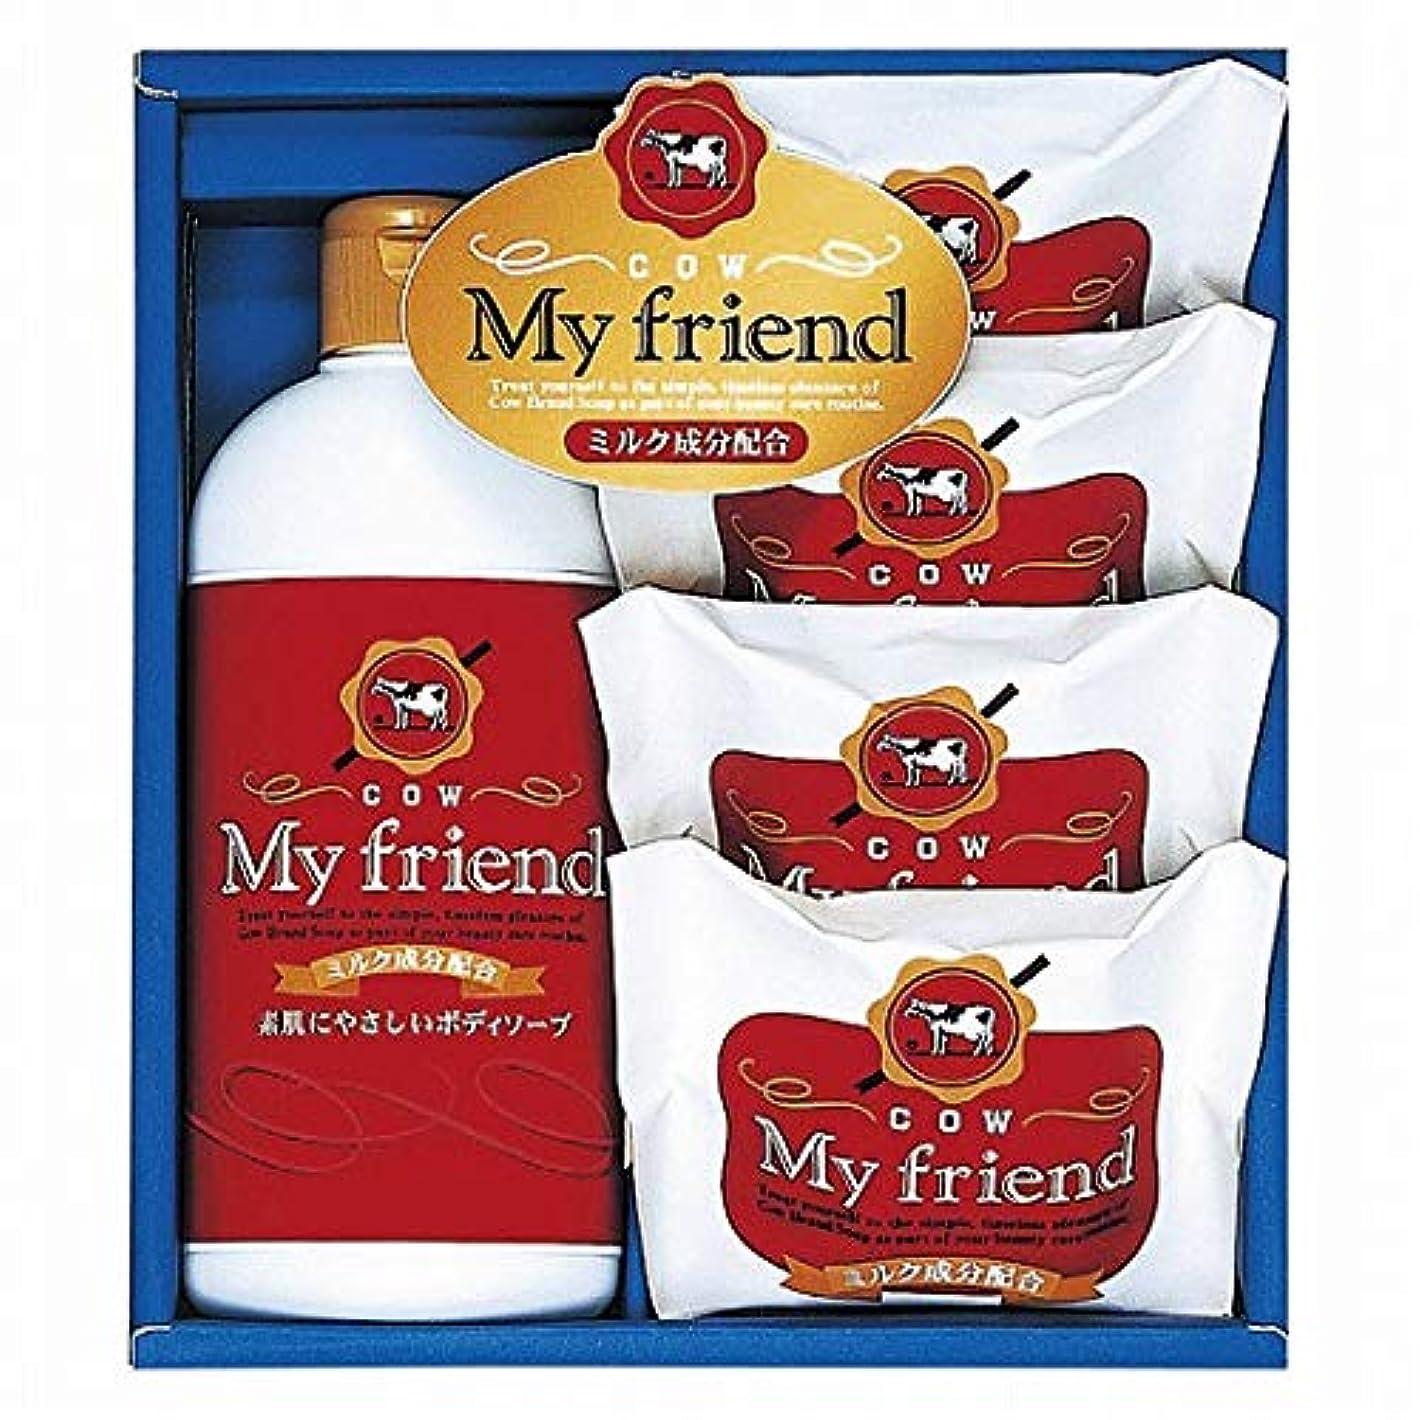 百万リース通知する牛乳石鹸 マイフレンドボディソープセット